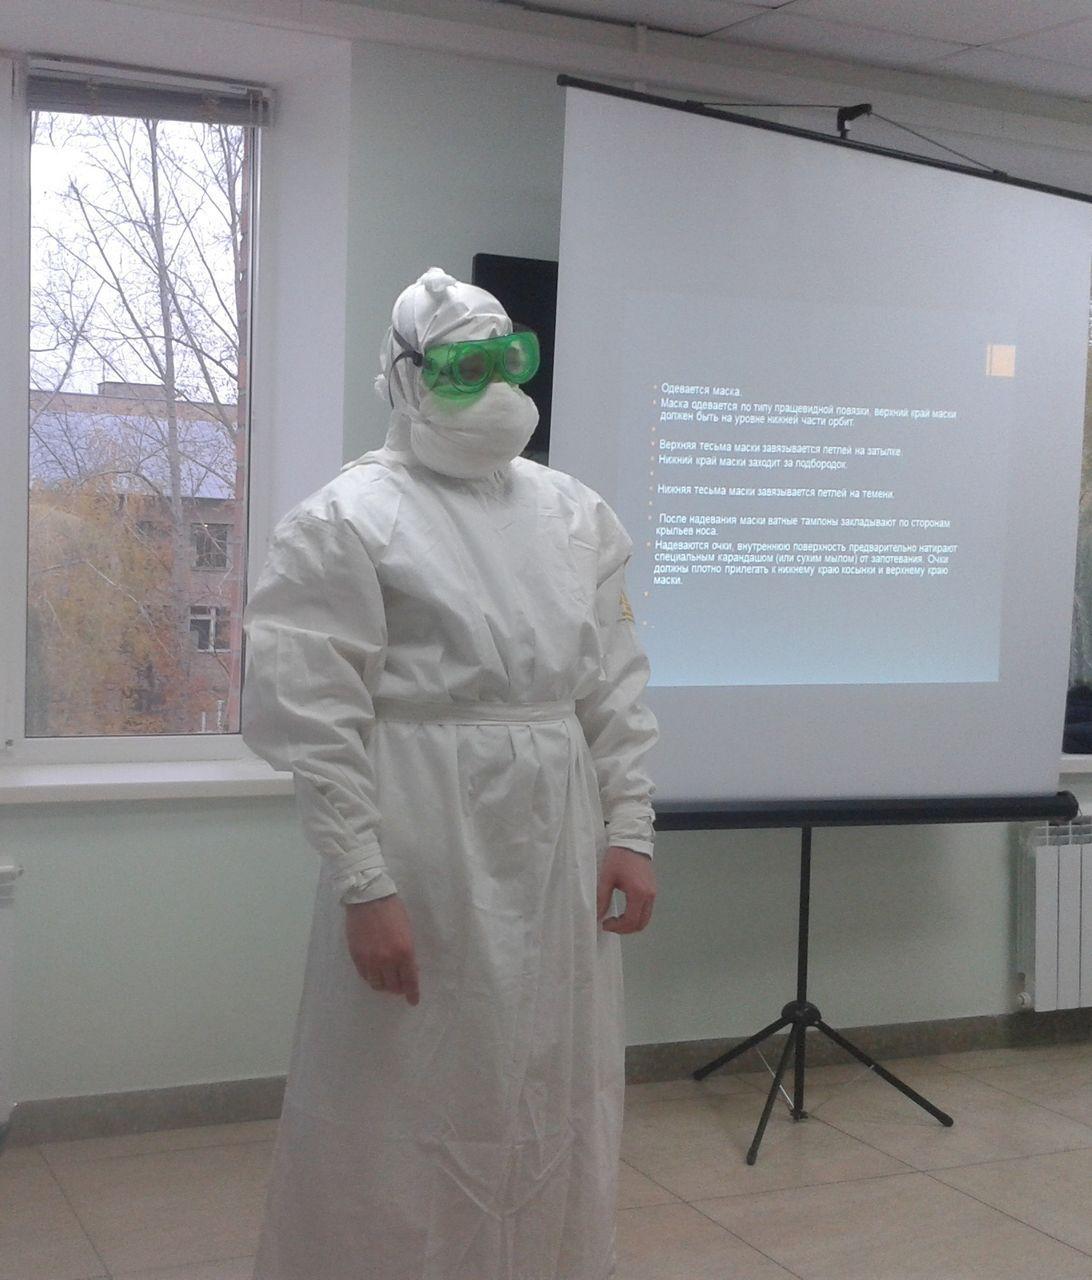 астраханском клубе противочумный костюм фото присутствие